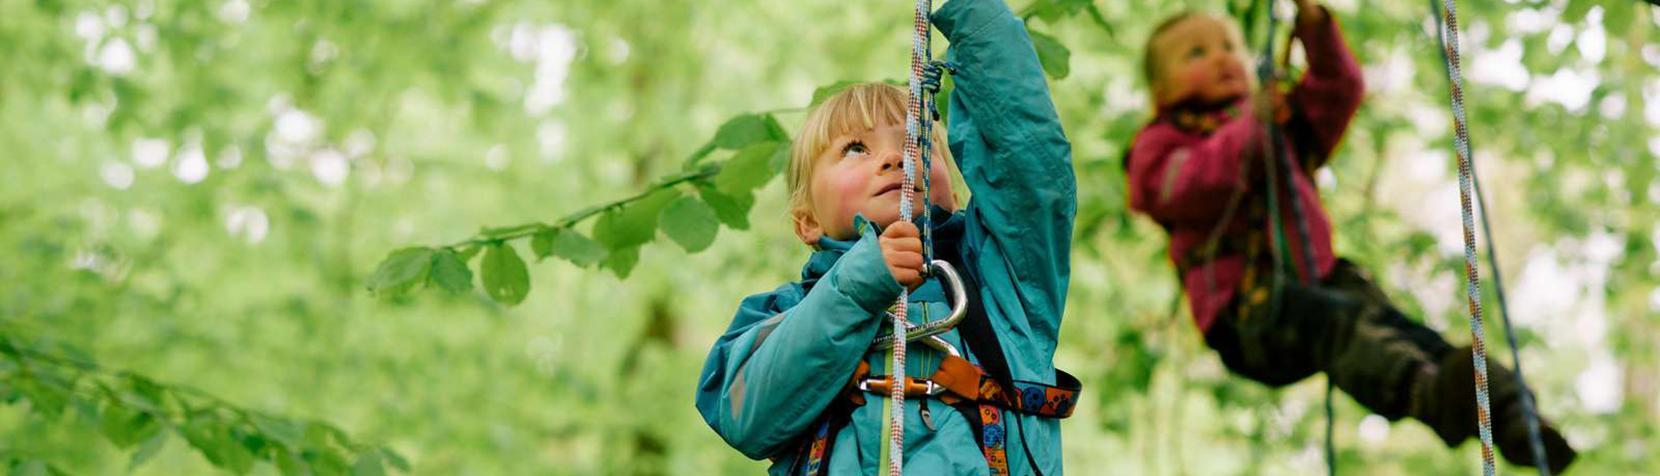 Børn, der klatrer i træer på Skovens dag